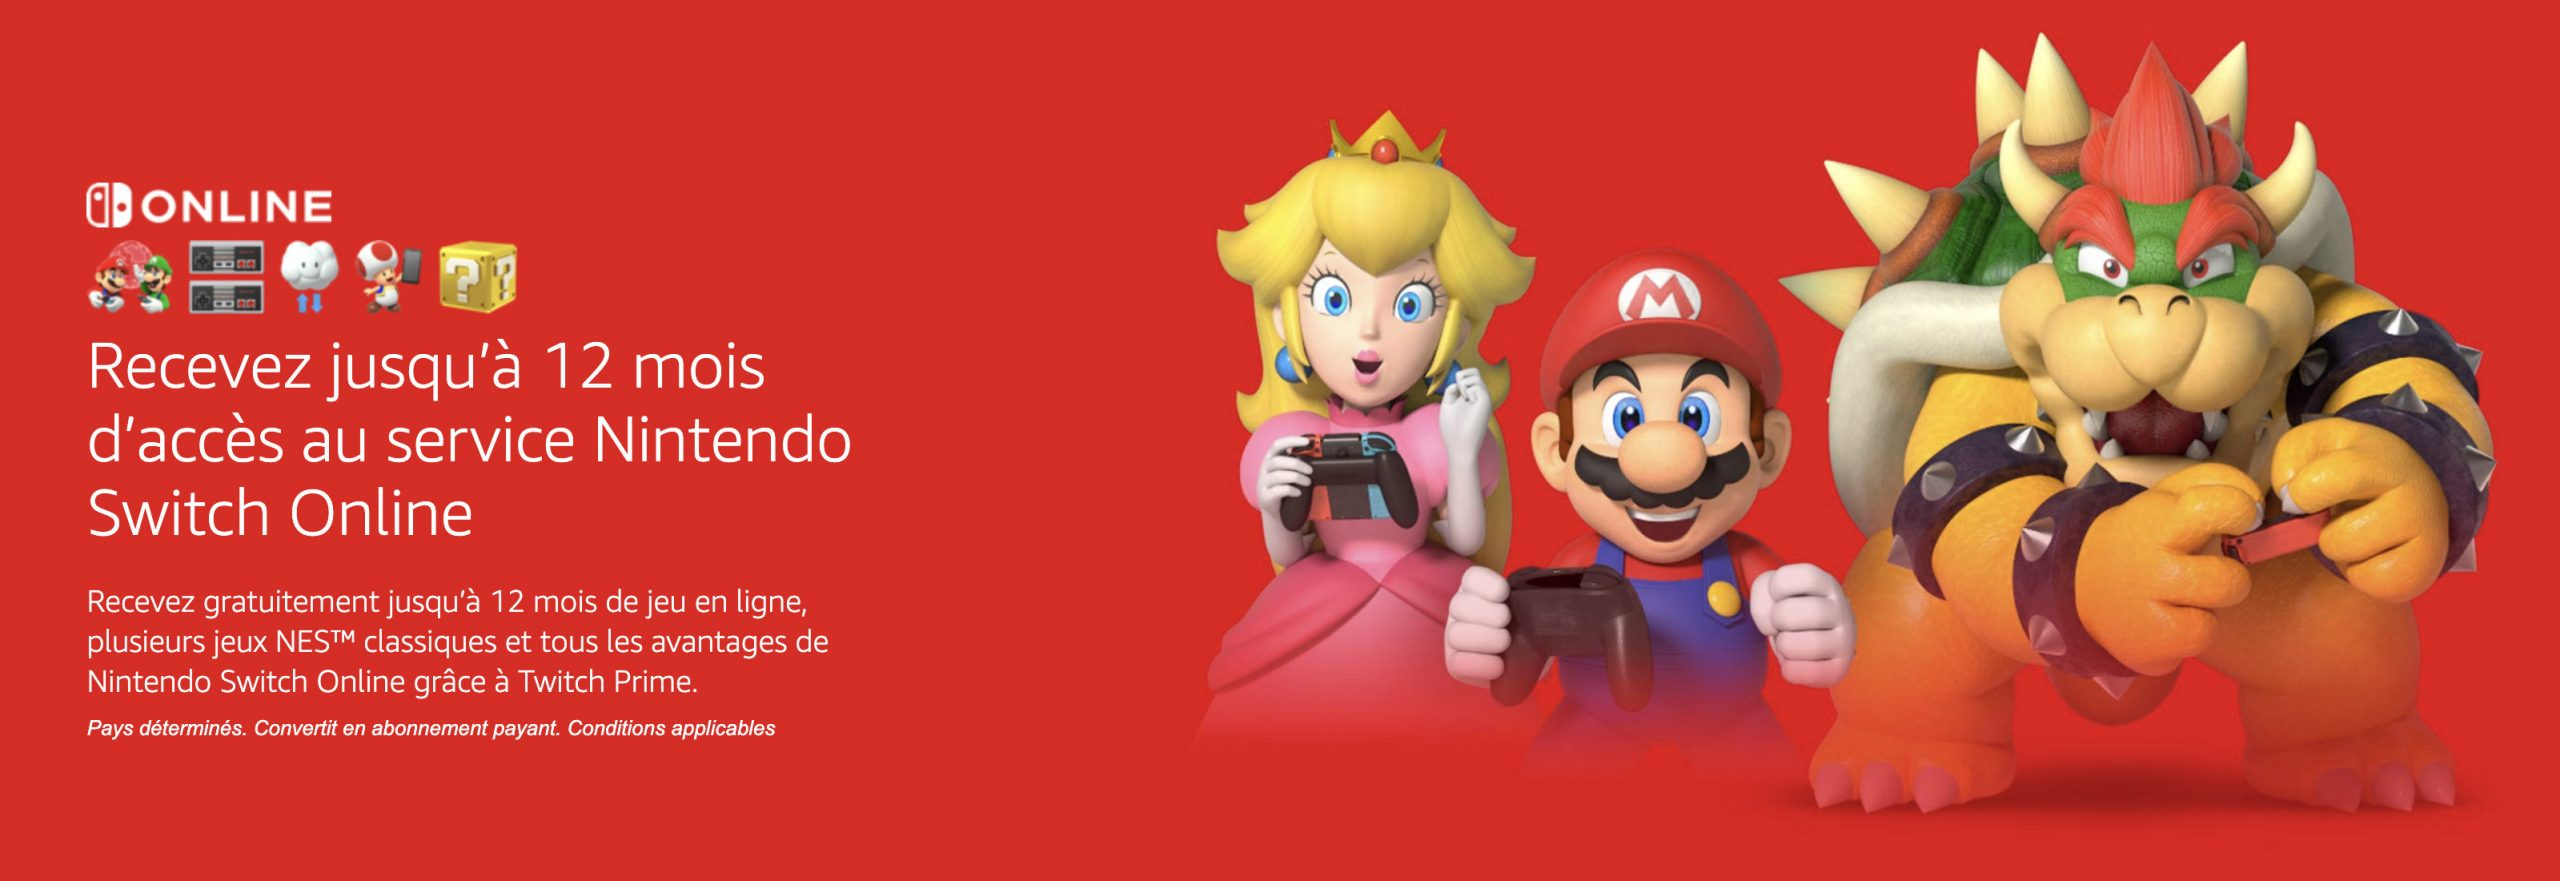 Amazon Prime Offre 3 À 12 Mois D'abonnement Au Nintendo serapportantà Jeux De Piece Gratuit